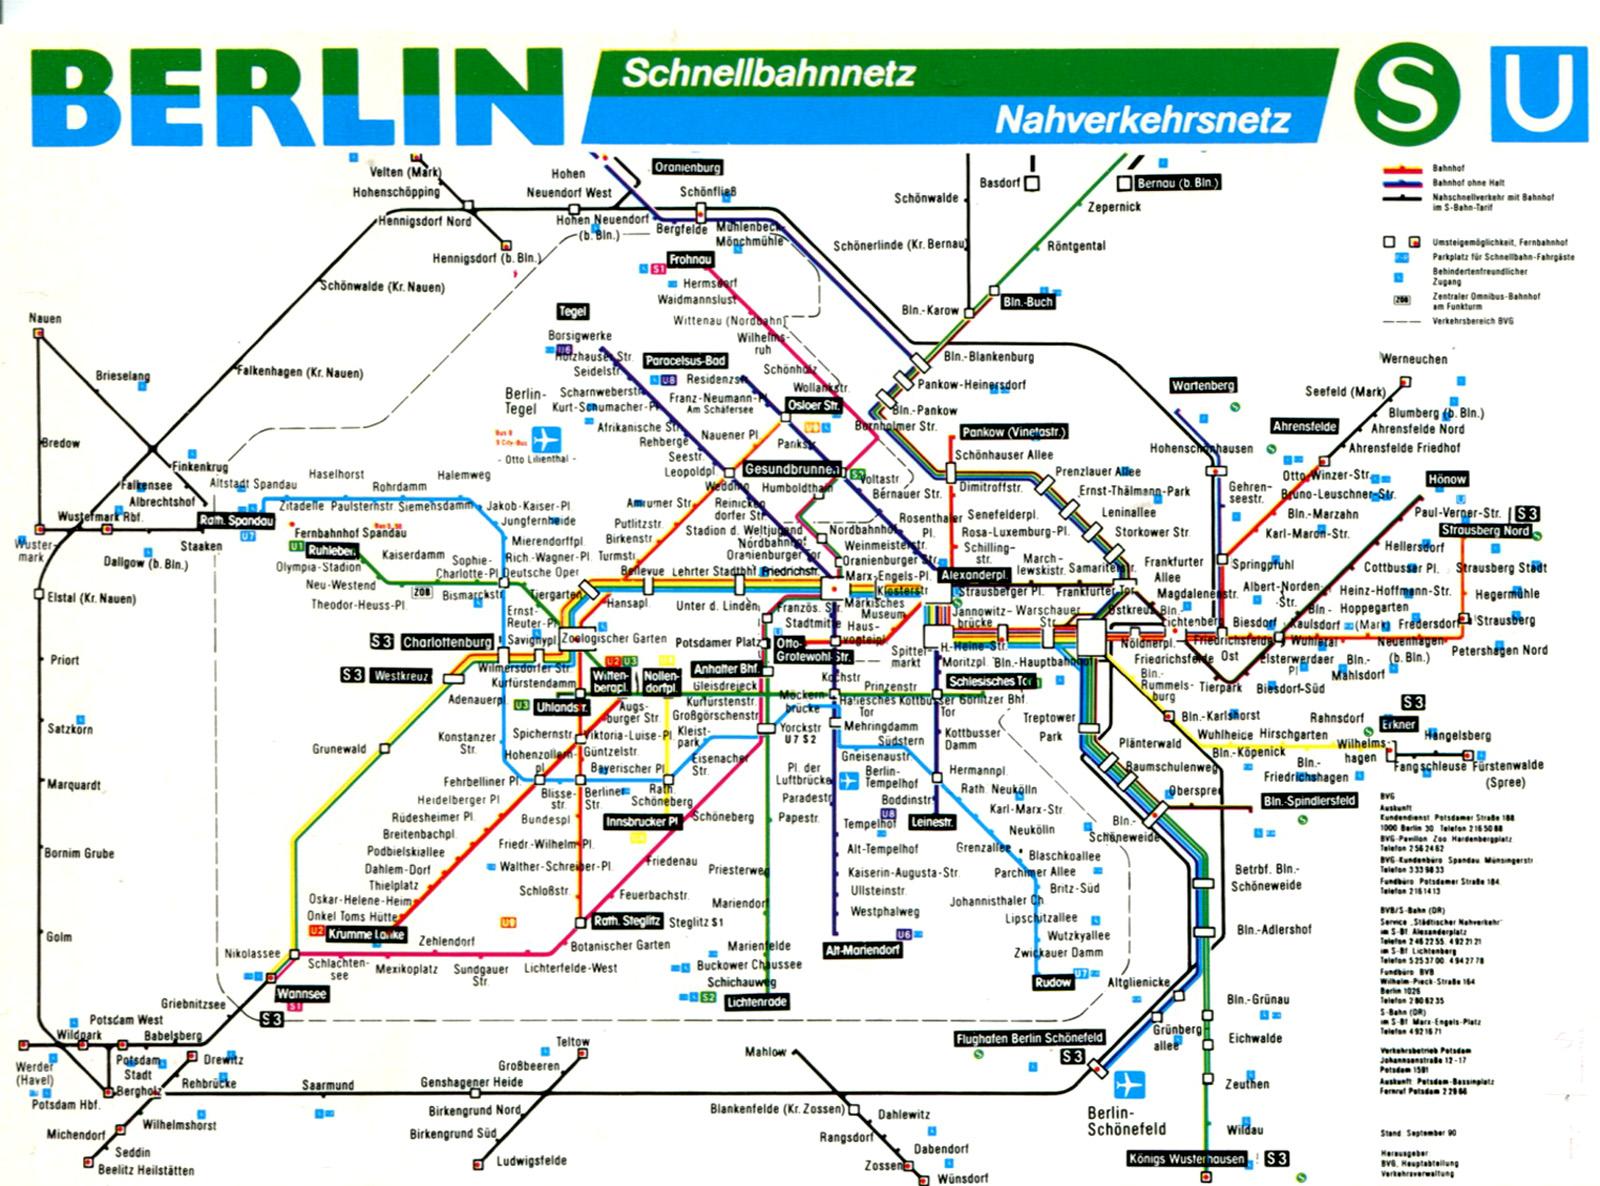 Схема электричек S-Bahn в Берлине